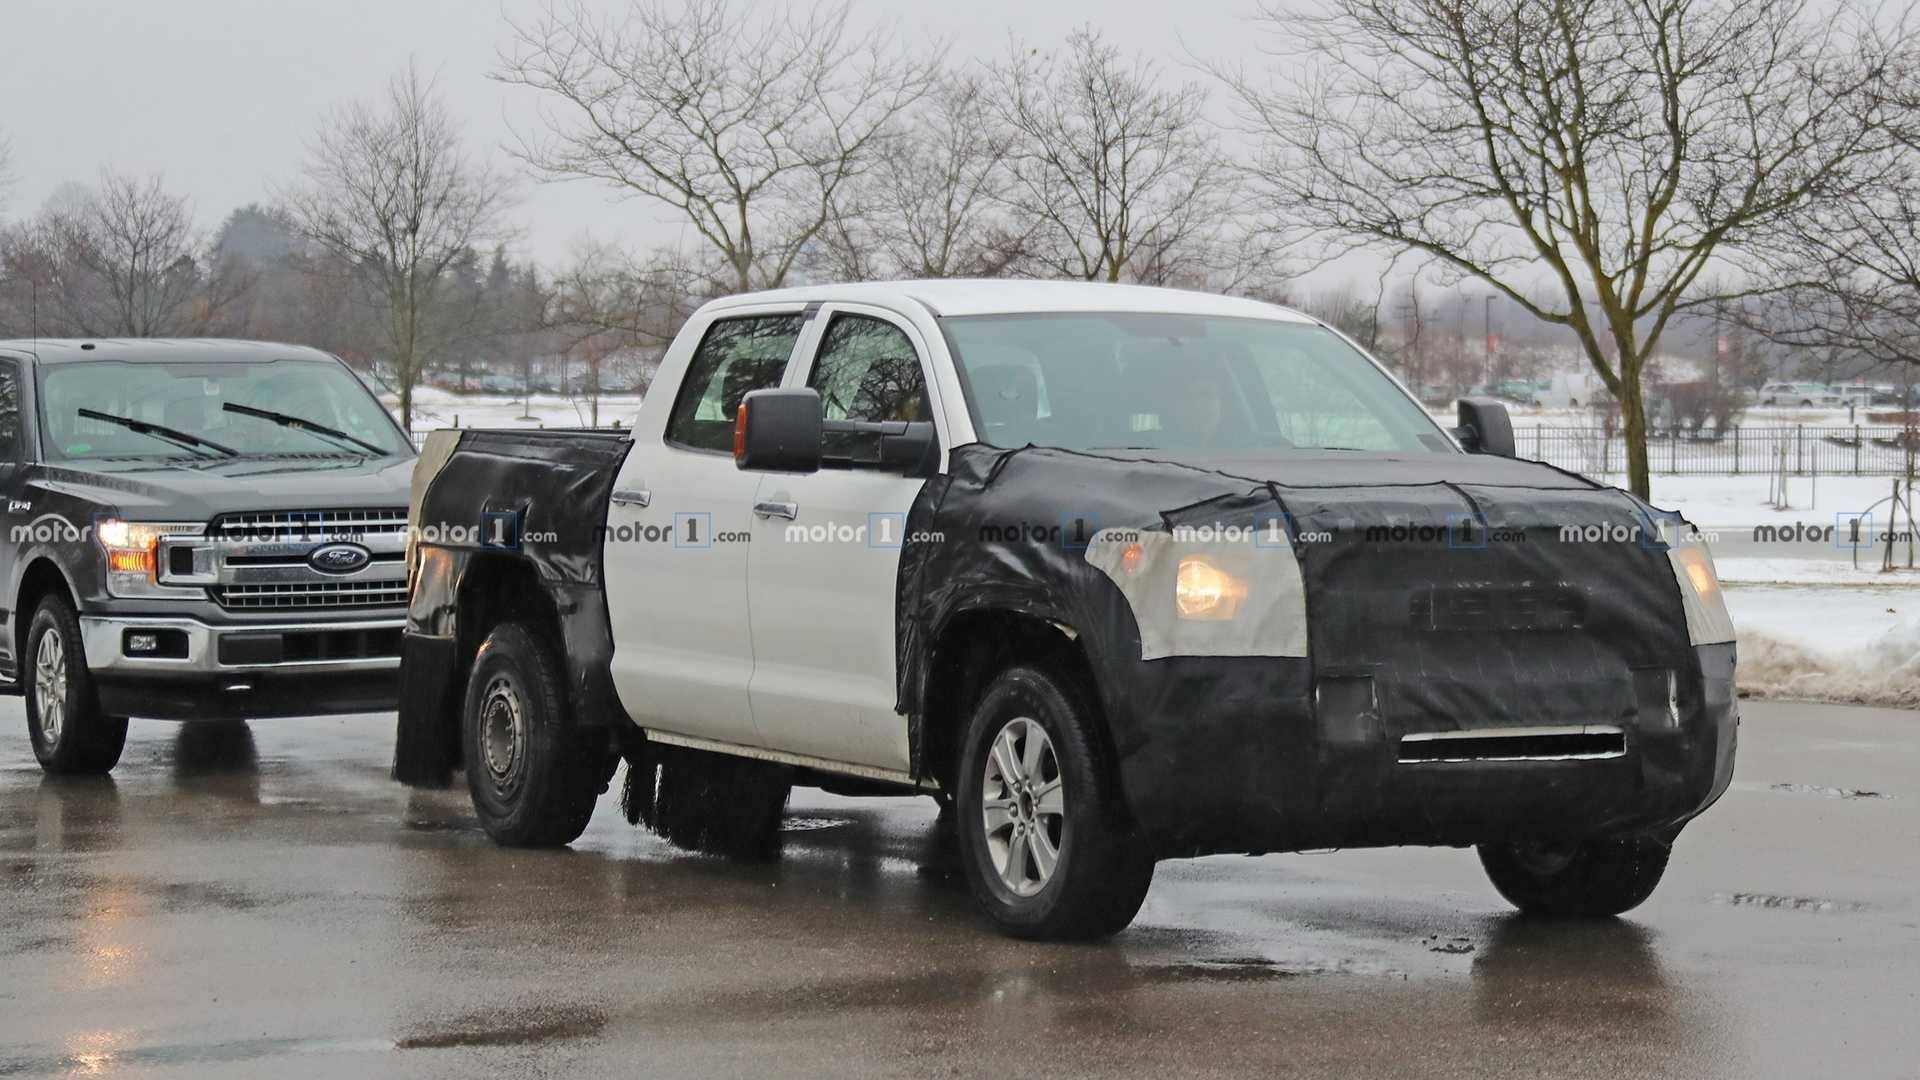 89 New 2020 Toyota Tundra Exterior and Interior by 2020 Toyota Tundra